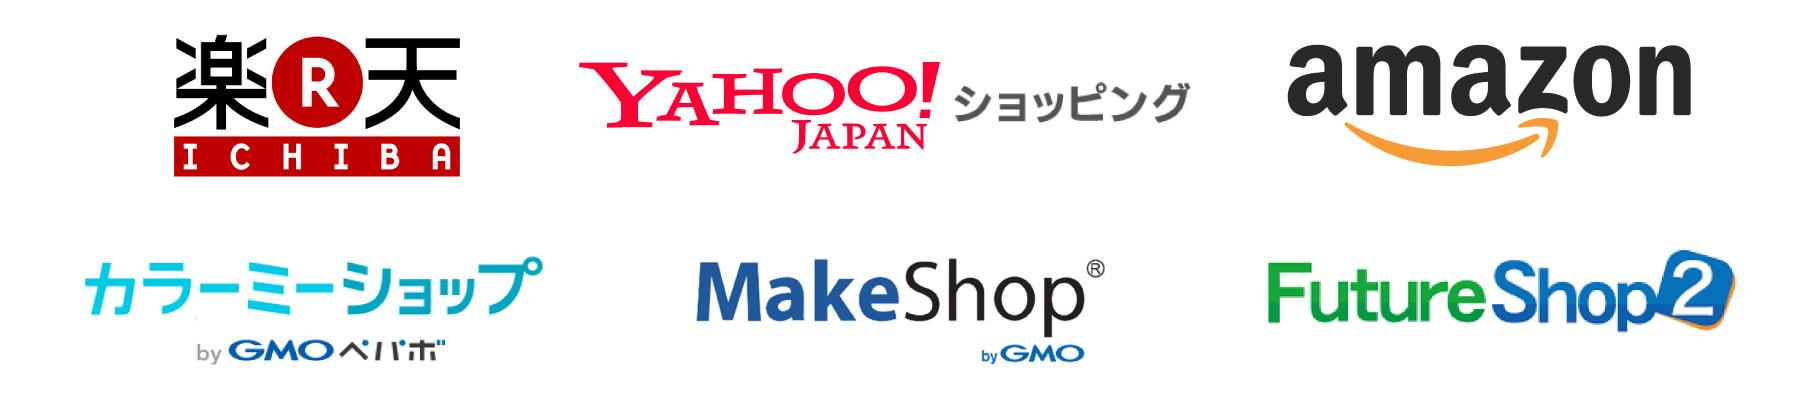 ショピングサイトロゴ画像